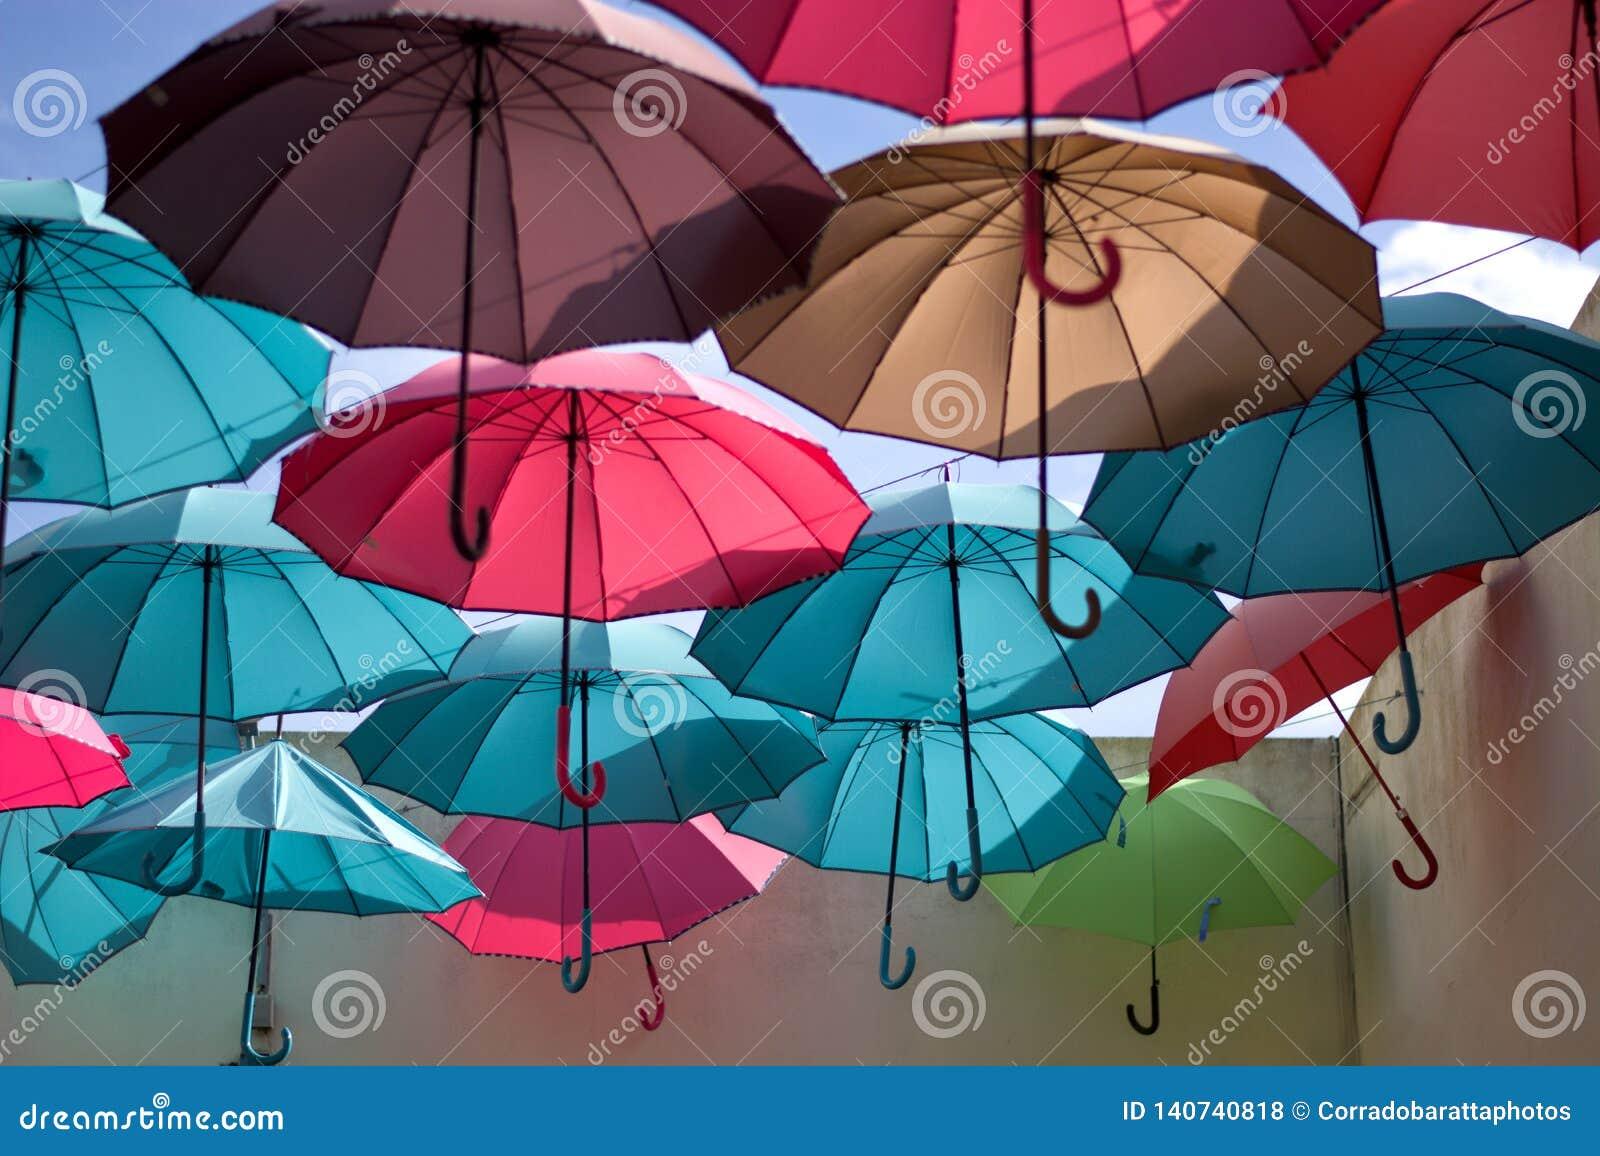 Fantazja stubarwni parasole lubi tęczę